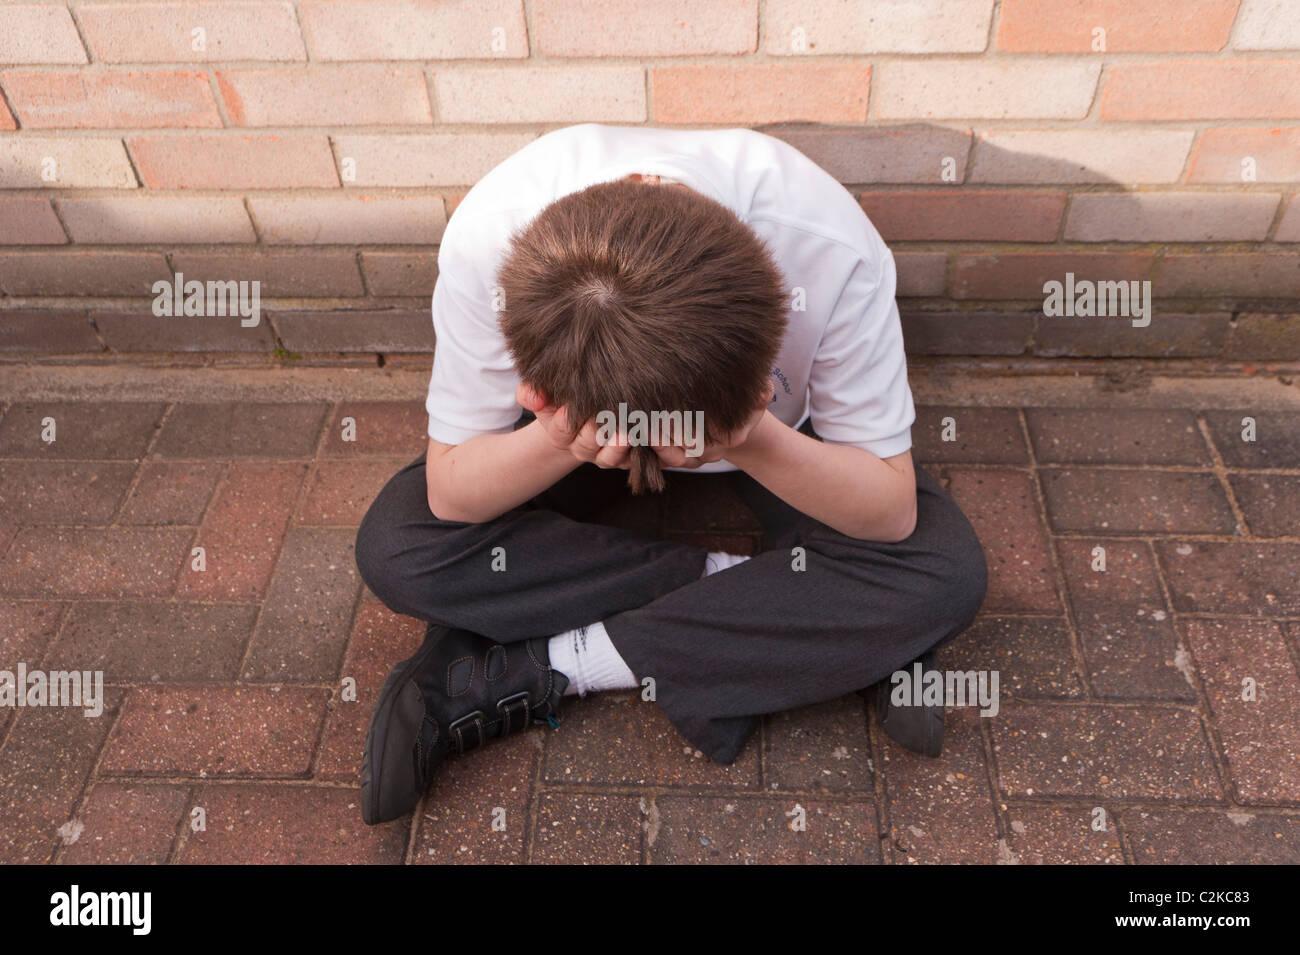 Un modello rilasciato la foto di un ragazzo di undici anni cercando premuto all'aperto con indosso la sua uniforme Foto Stock